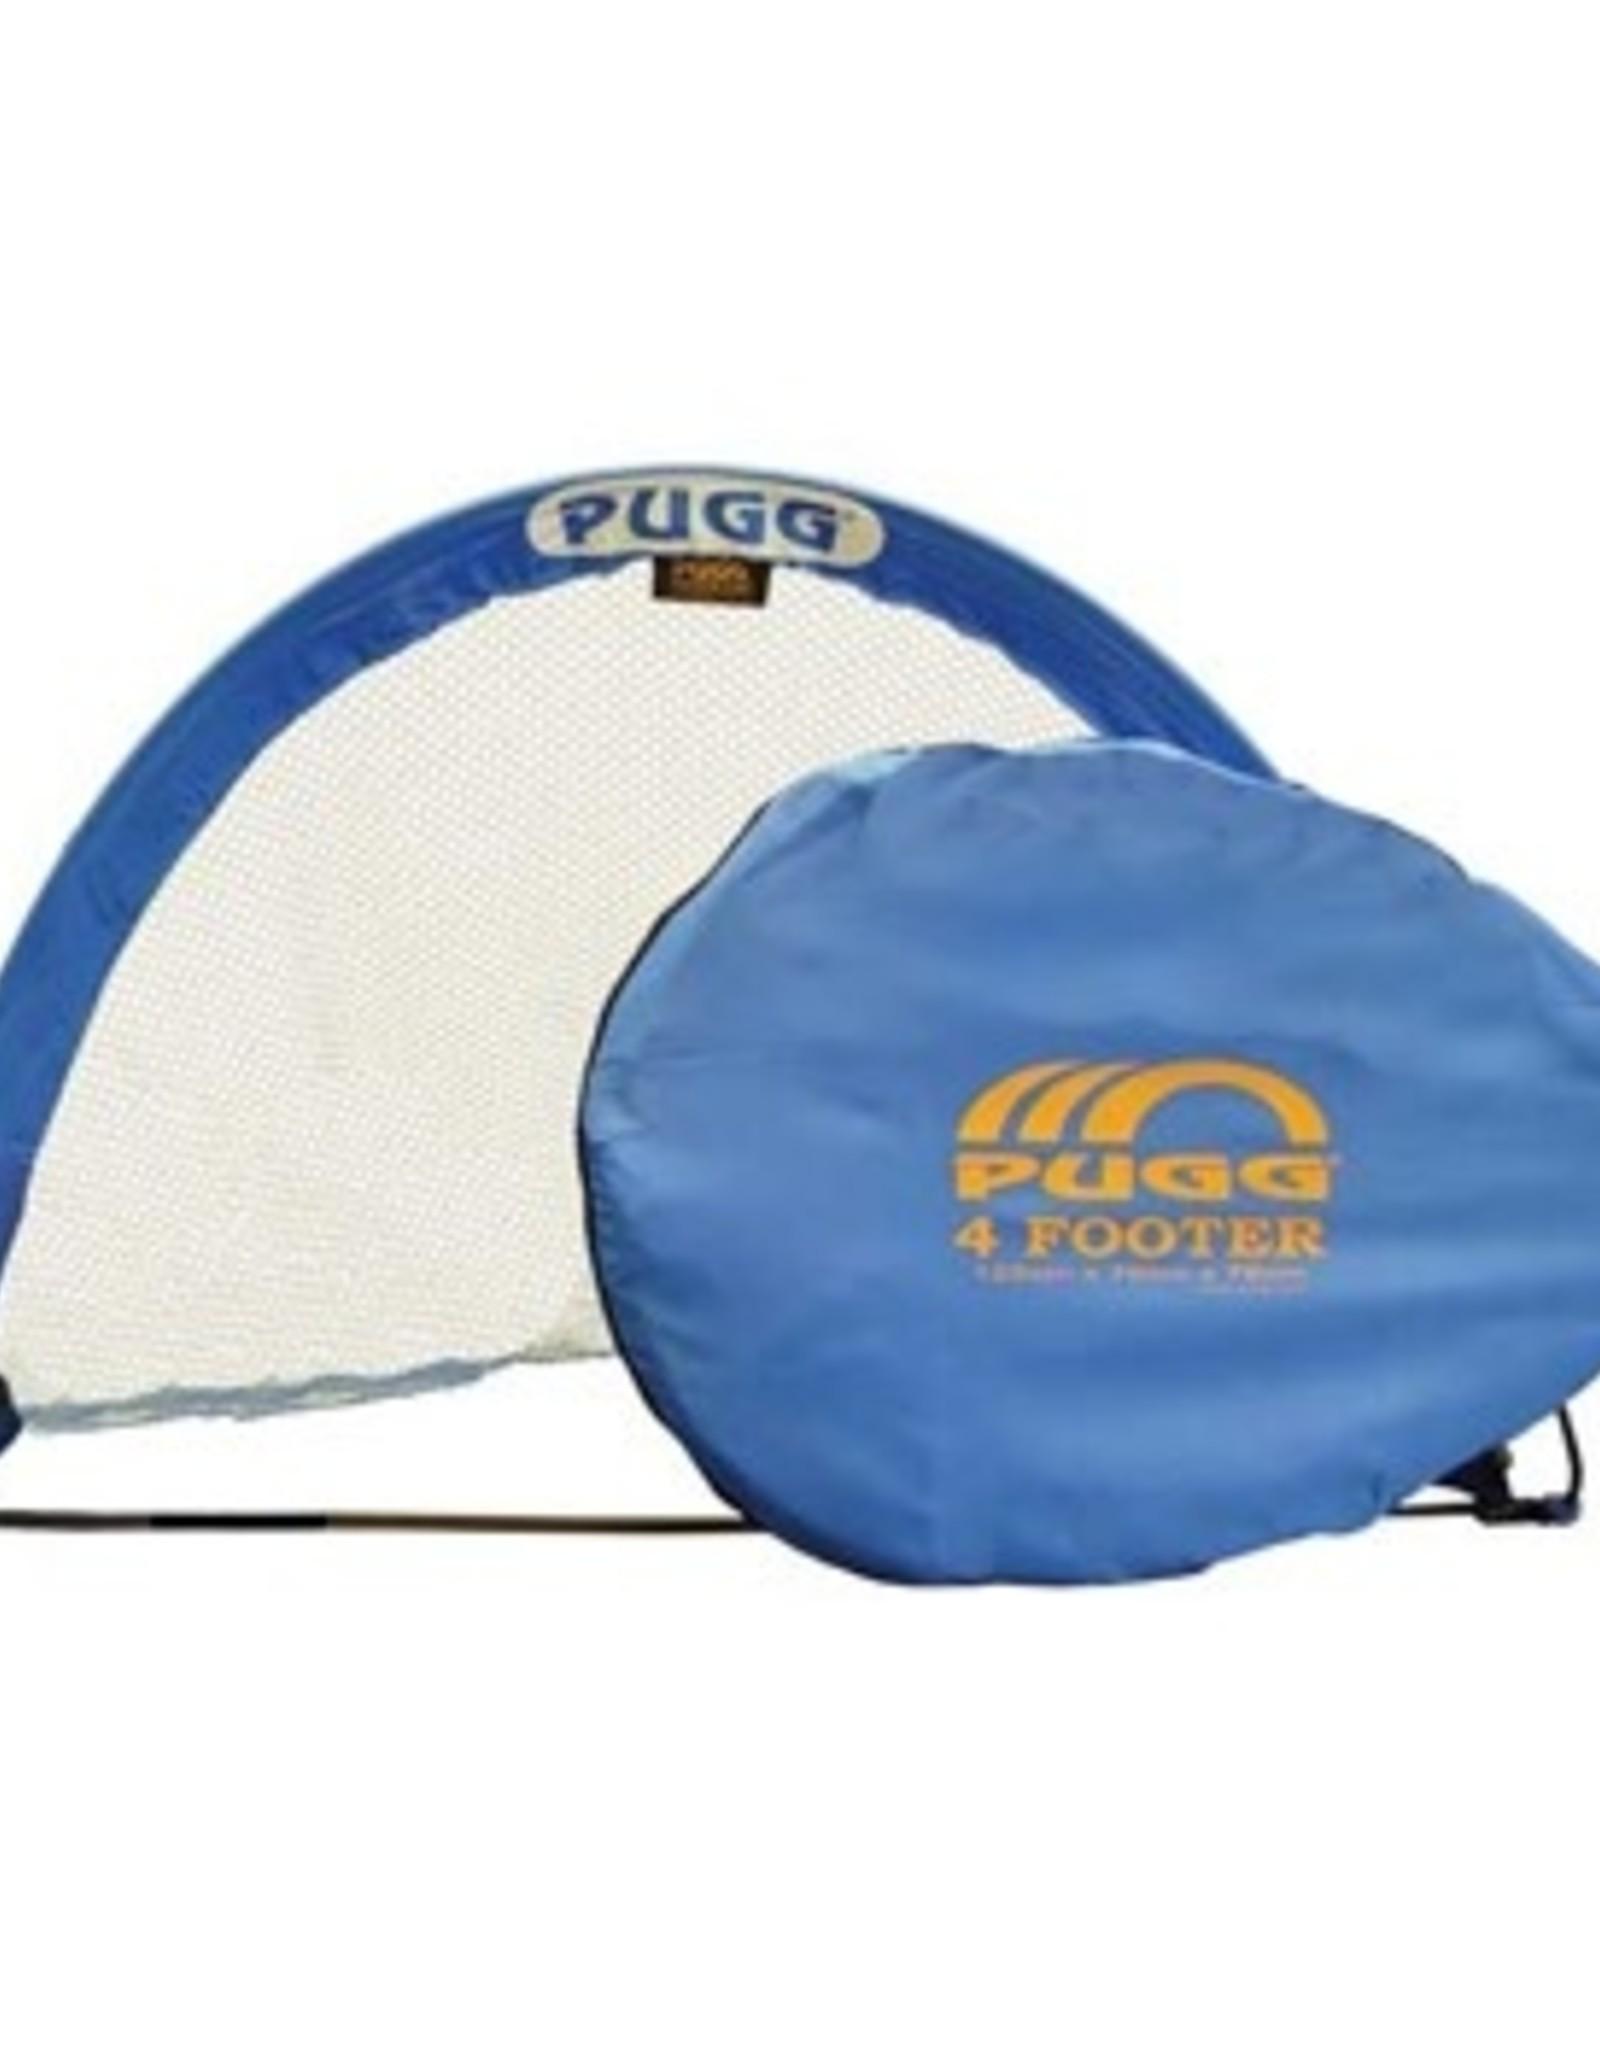 Pugg Pugg 4' Micronet with Bag